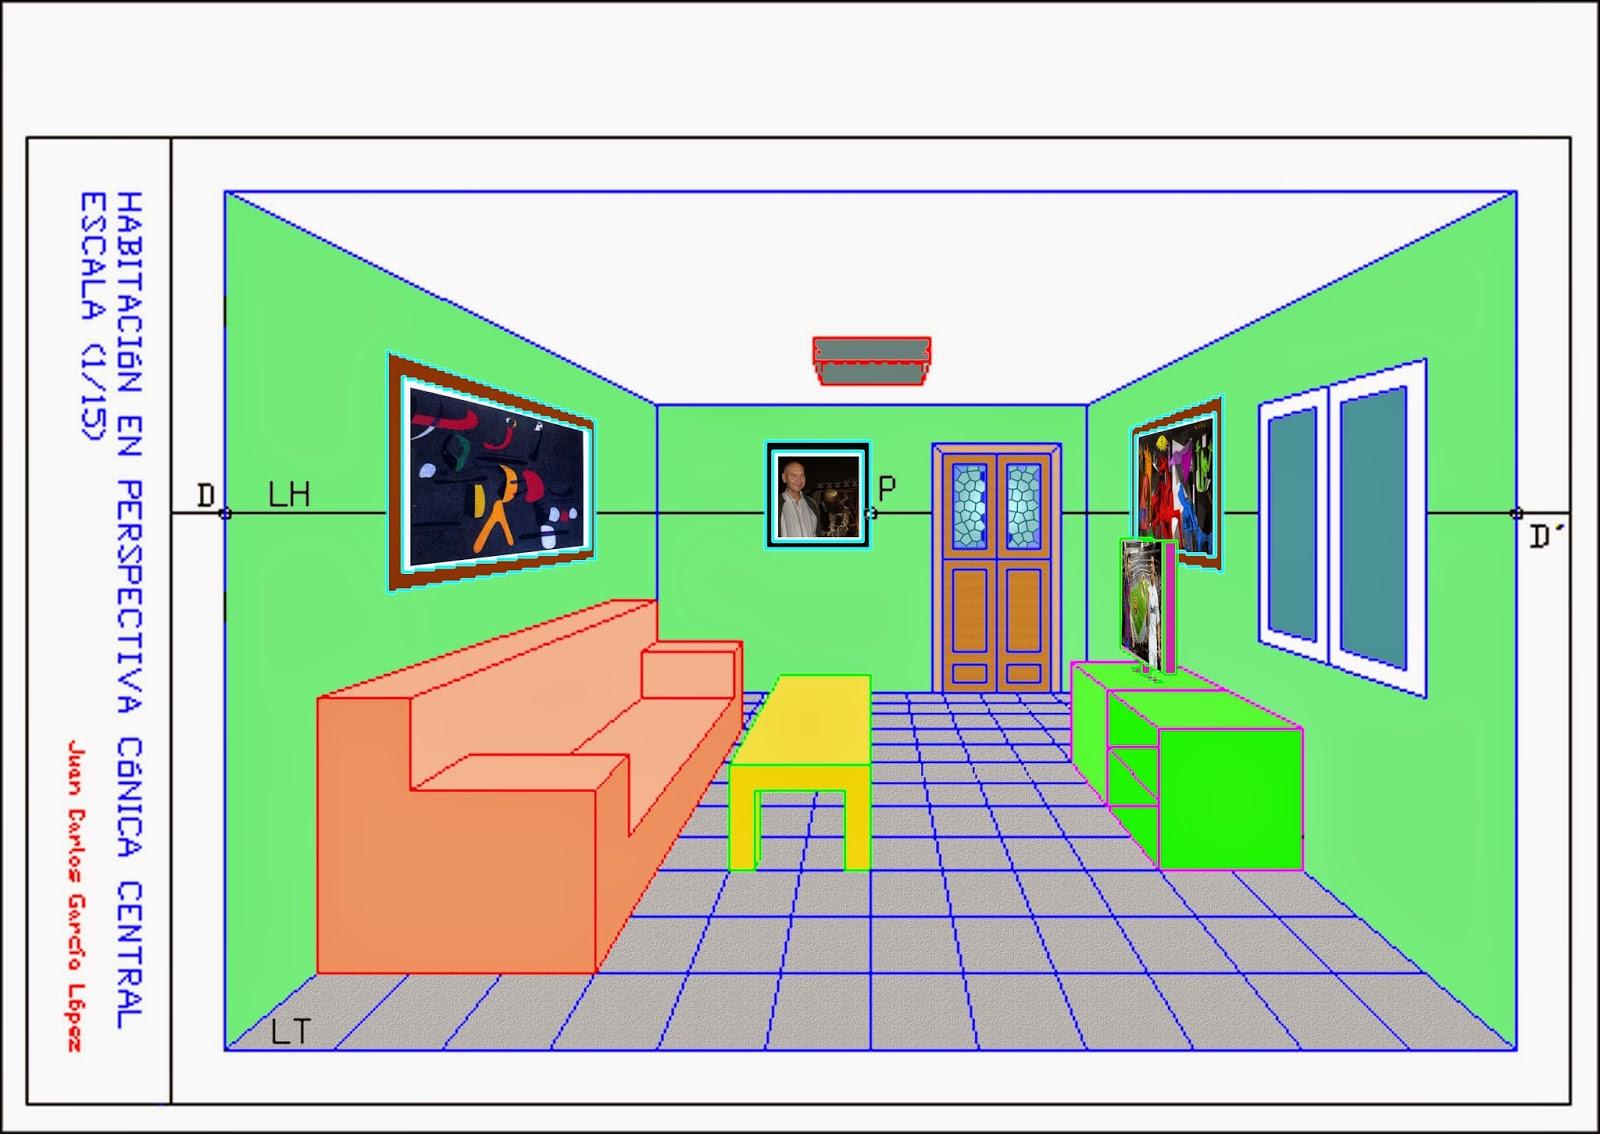 Dibuja garlo perspectiva c nica central de una habitaci n for Habitacion 3d autocad